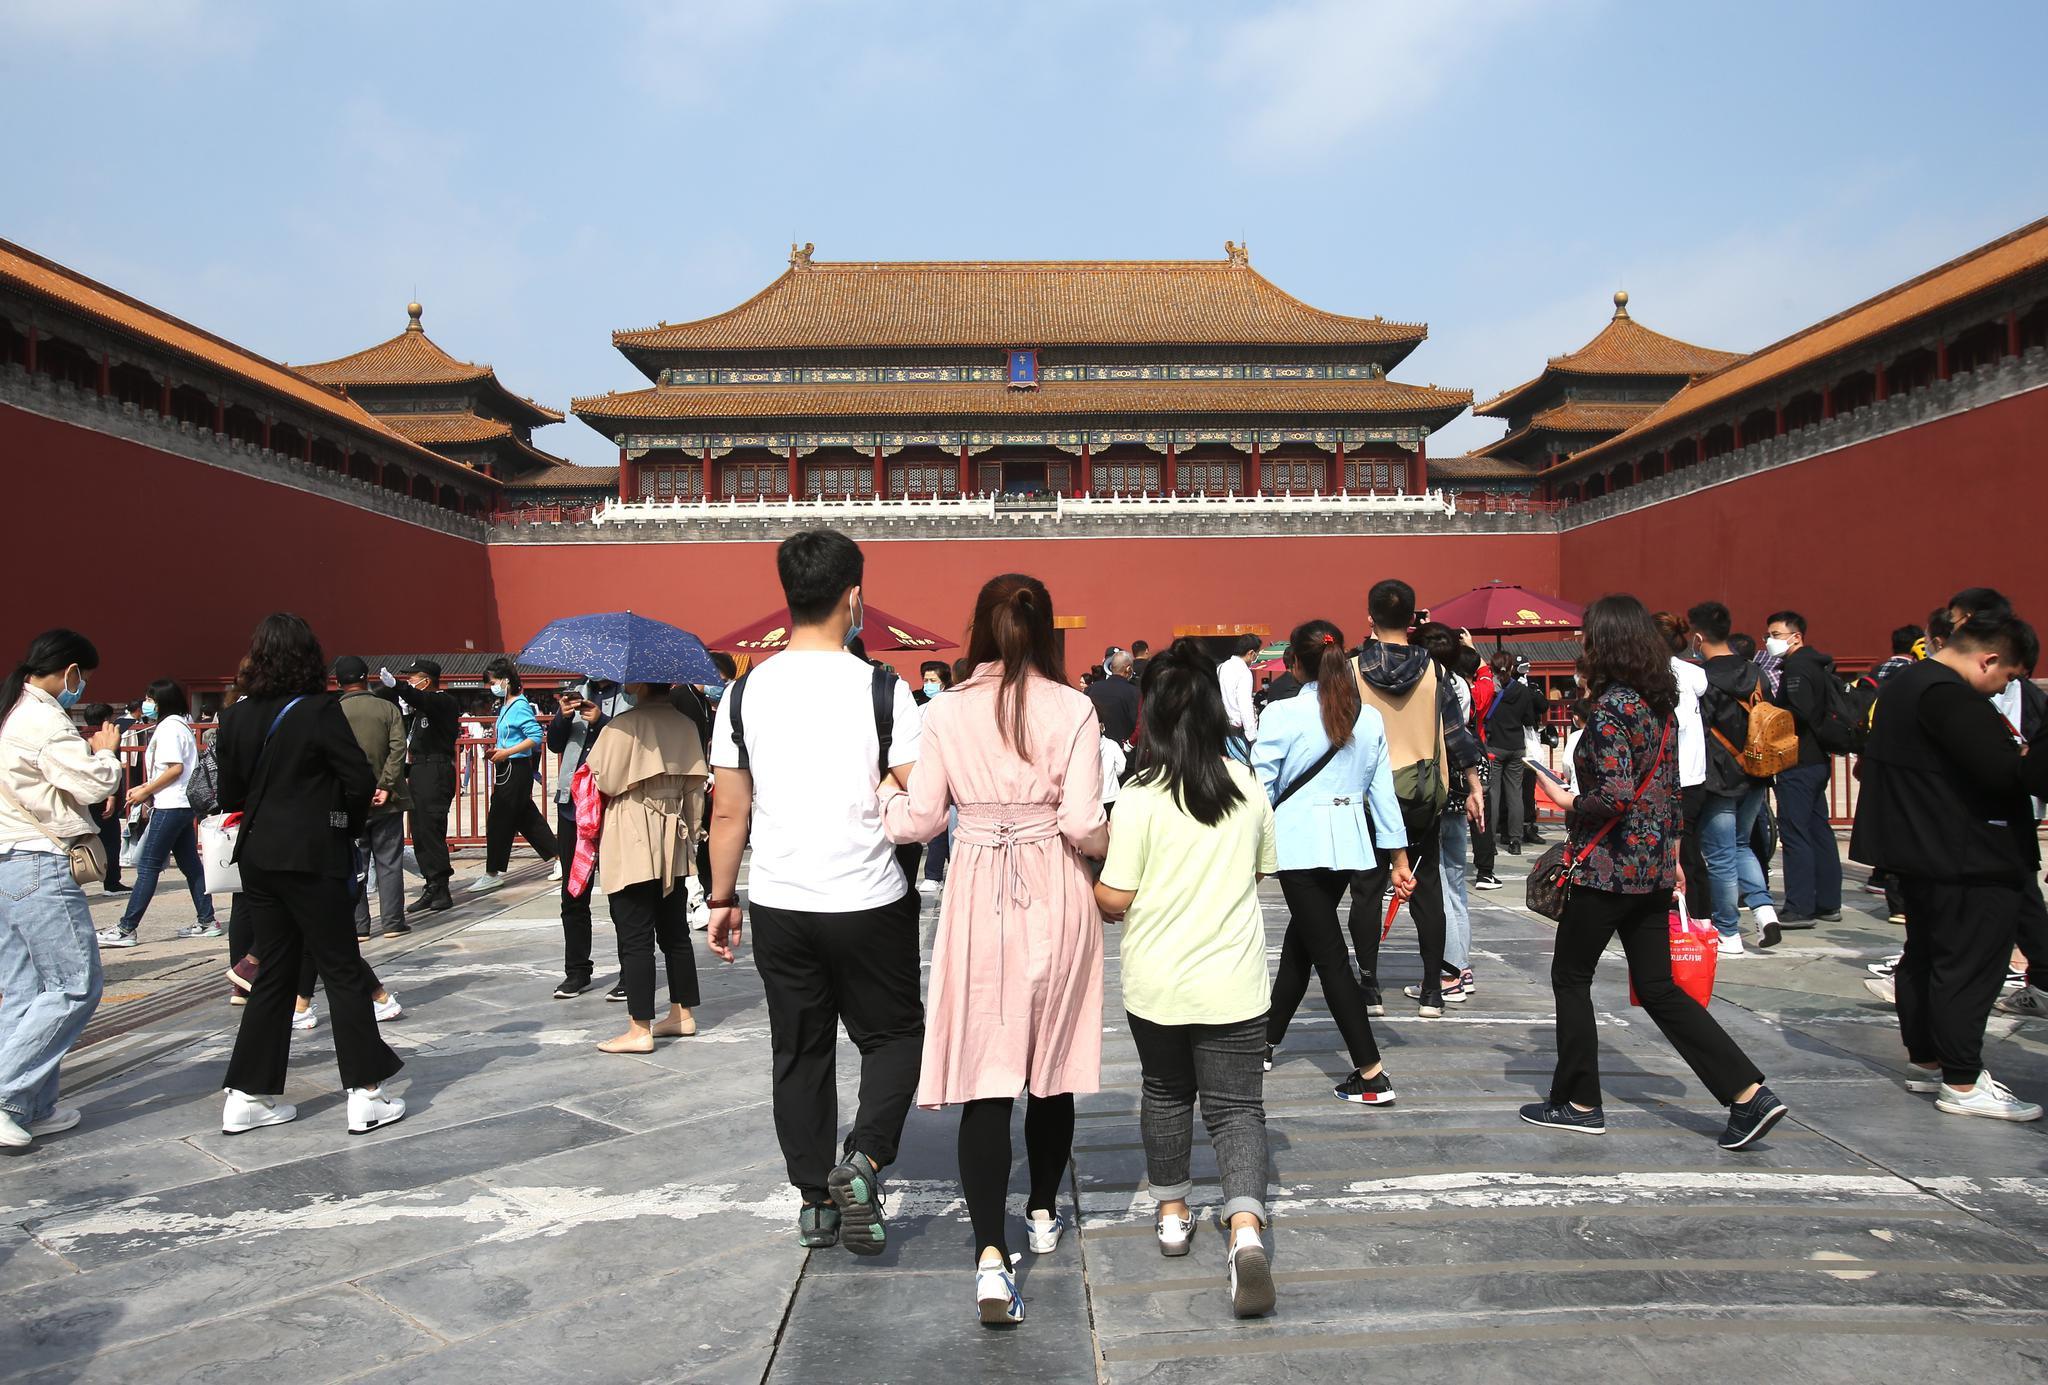 十一当天故宫接待2.5万人 北京景区收入同比增219%图片